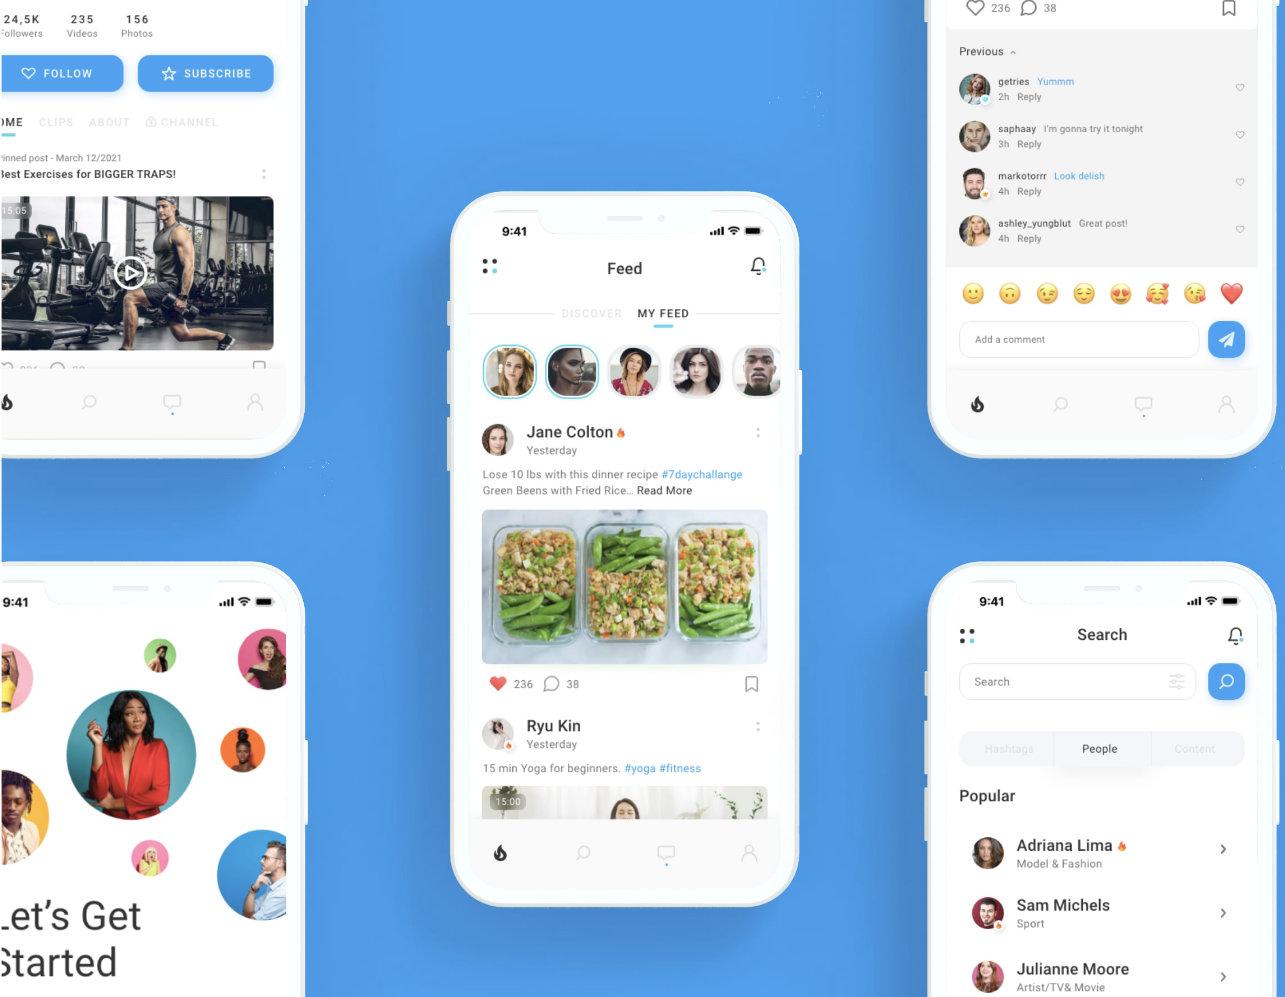 how to make social media app like instagram